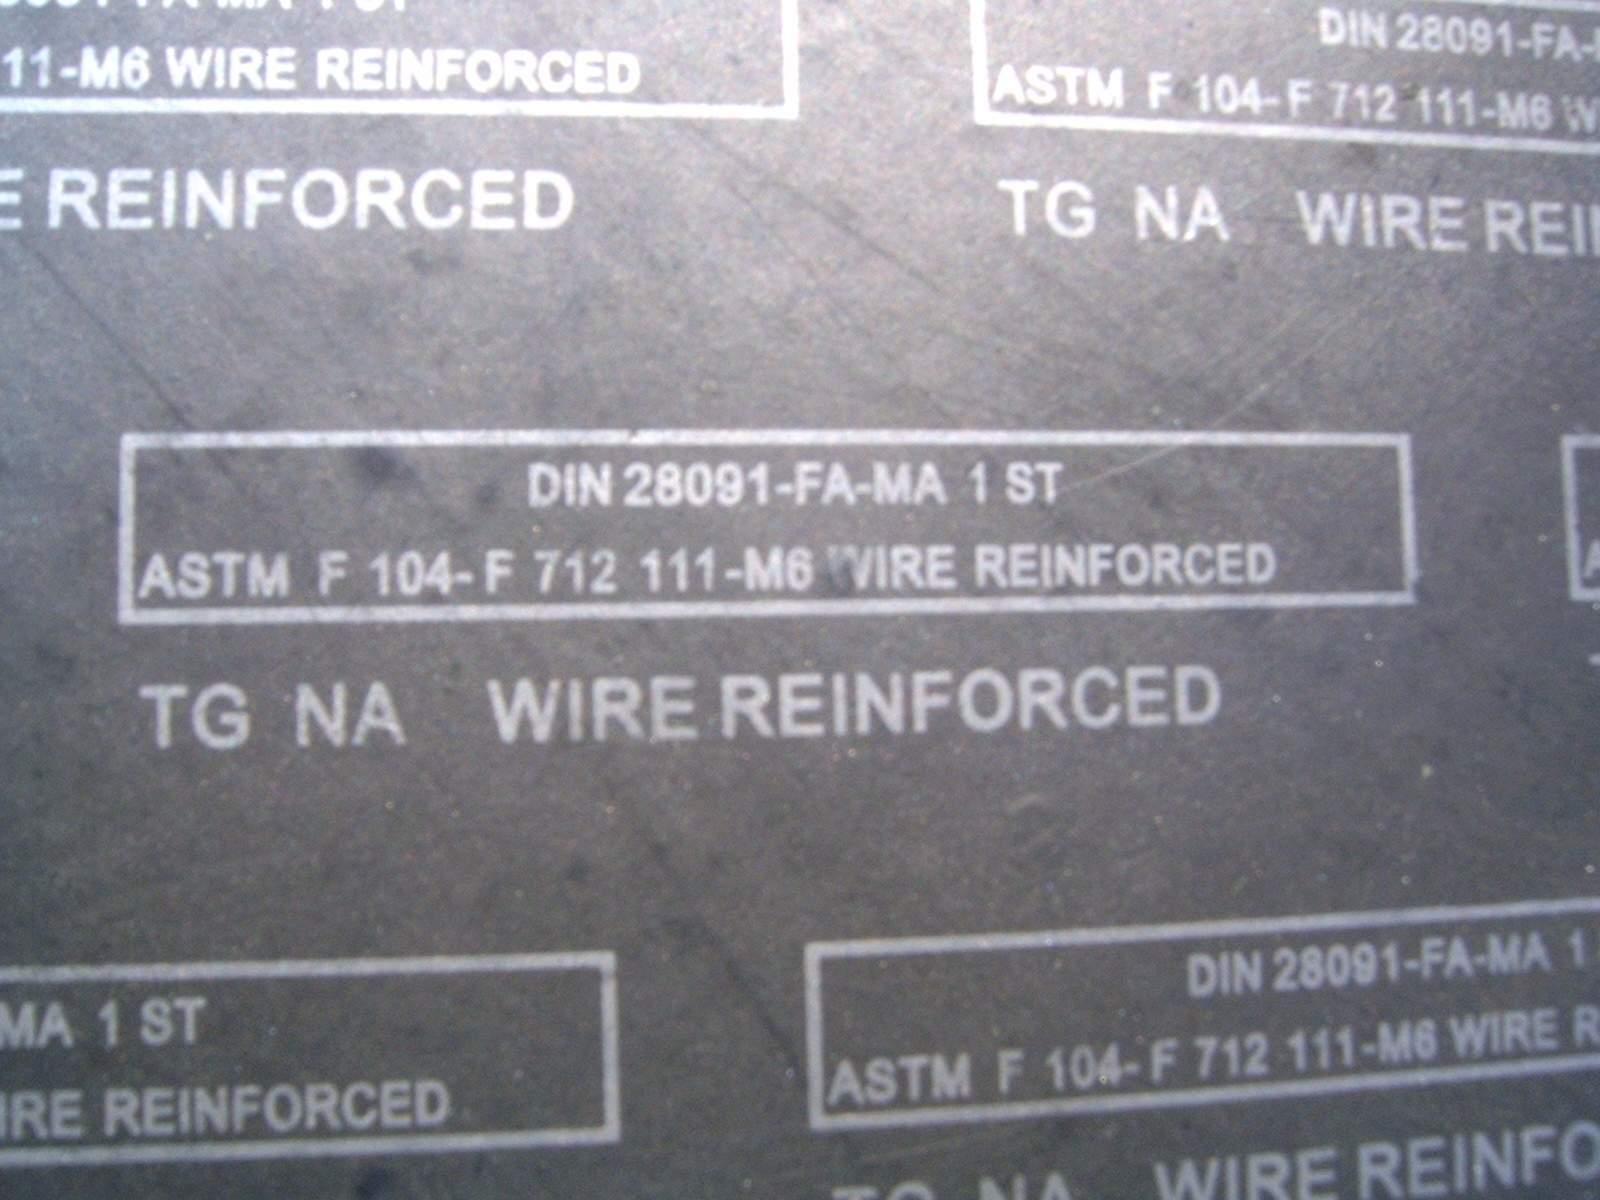 4Z7_TG_NA_WIRE_REINFORCED